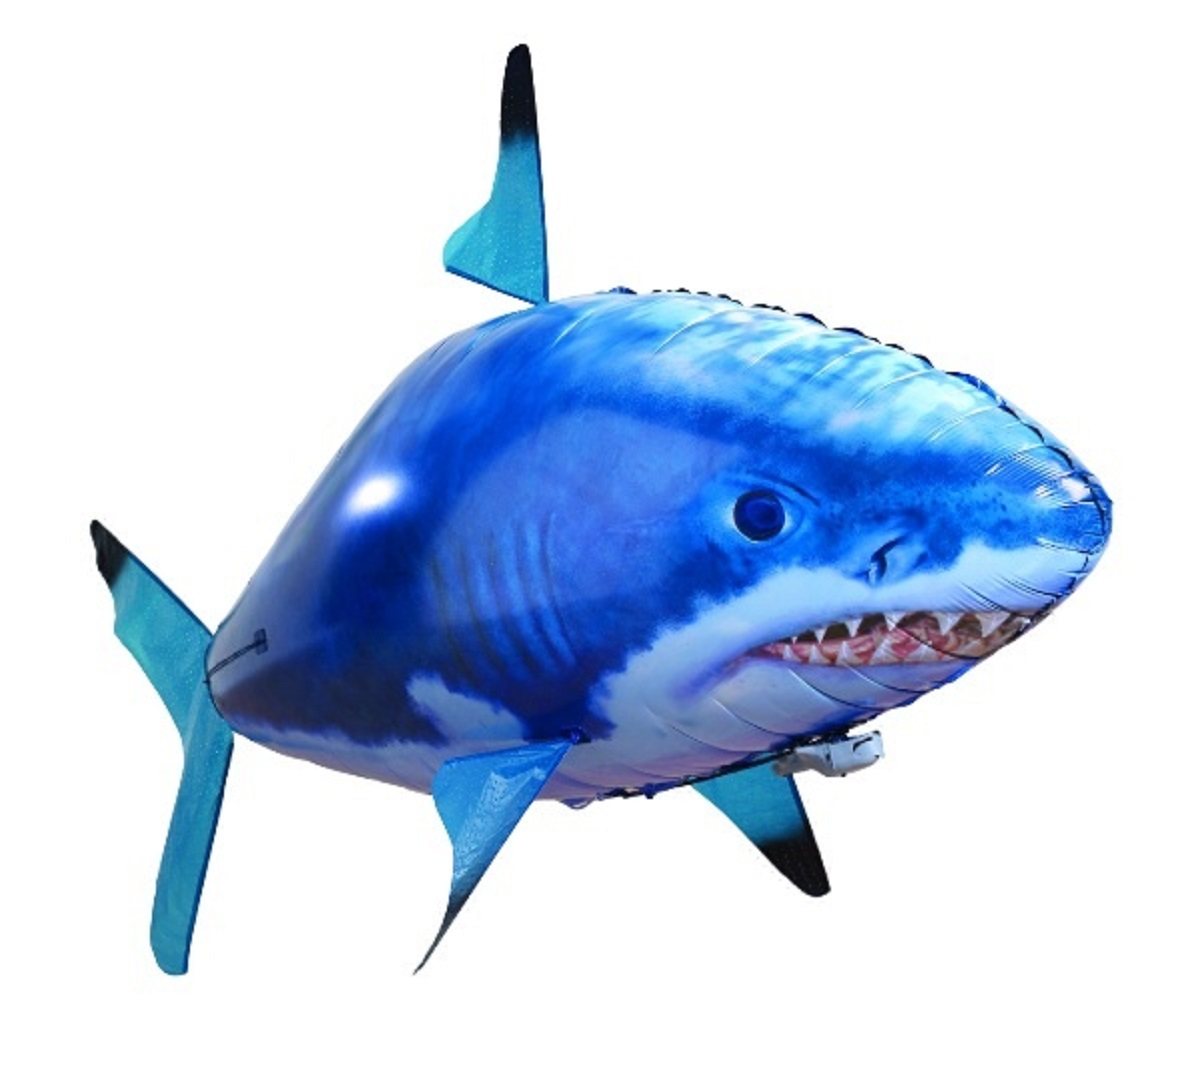 Drivemotion Летающая Акула на дистанционном управлении купить нерф в воронеже